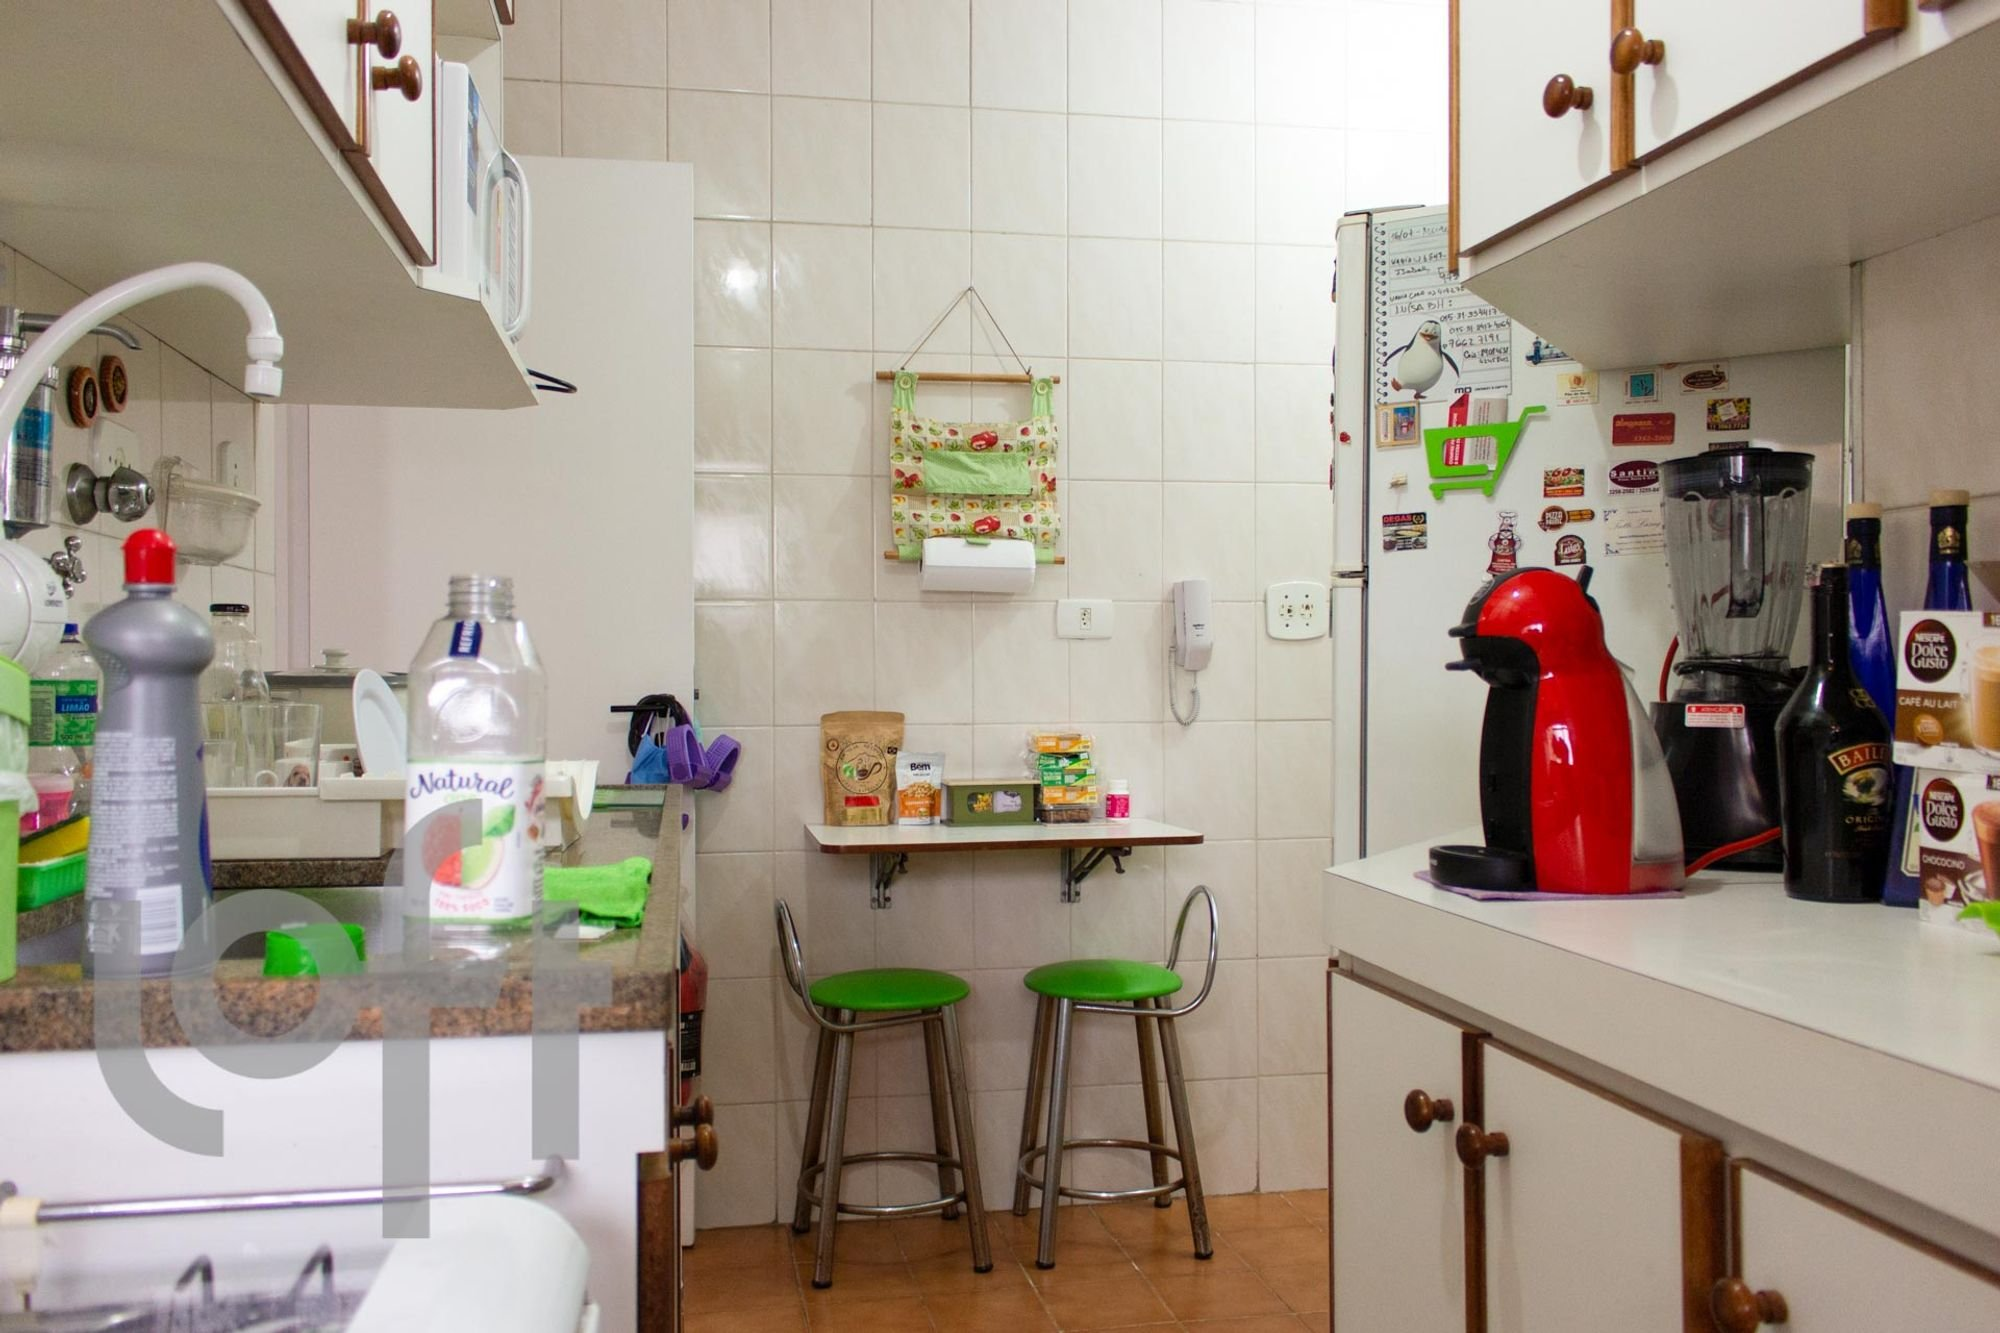 Foto de Cozinha com cadeira, garrafa